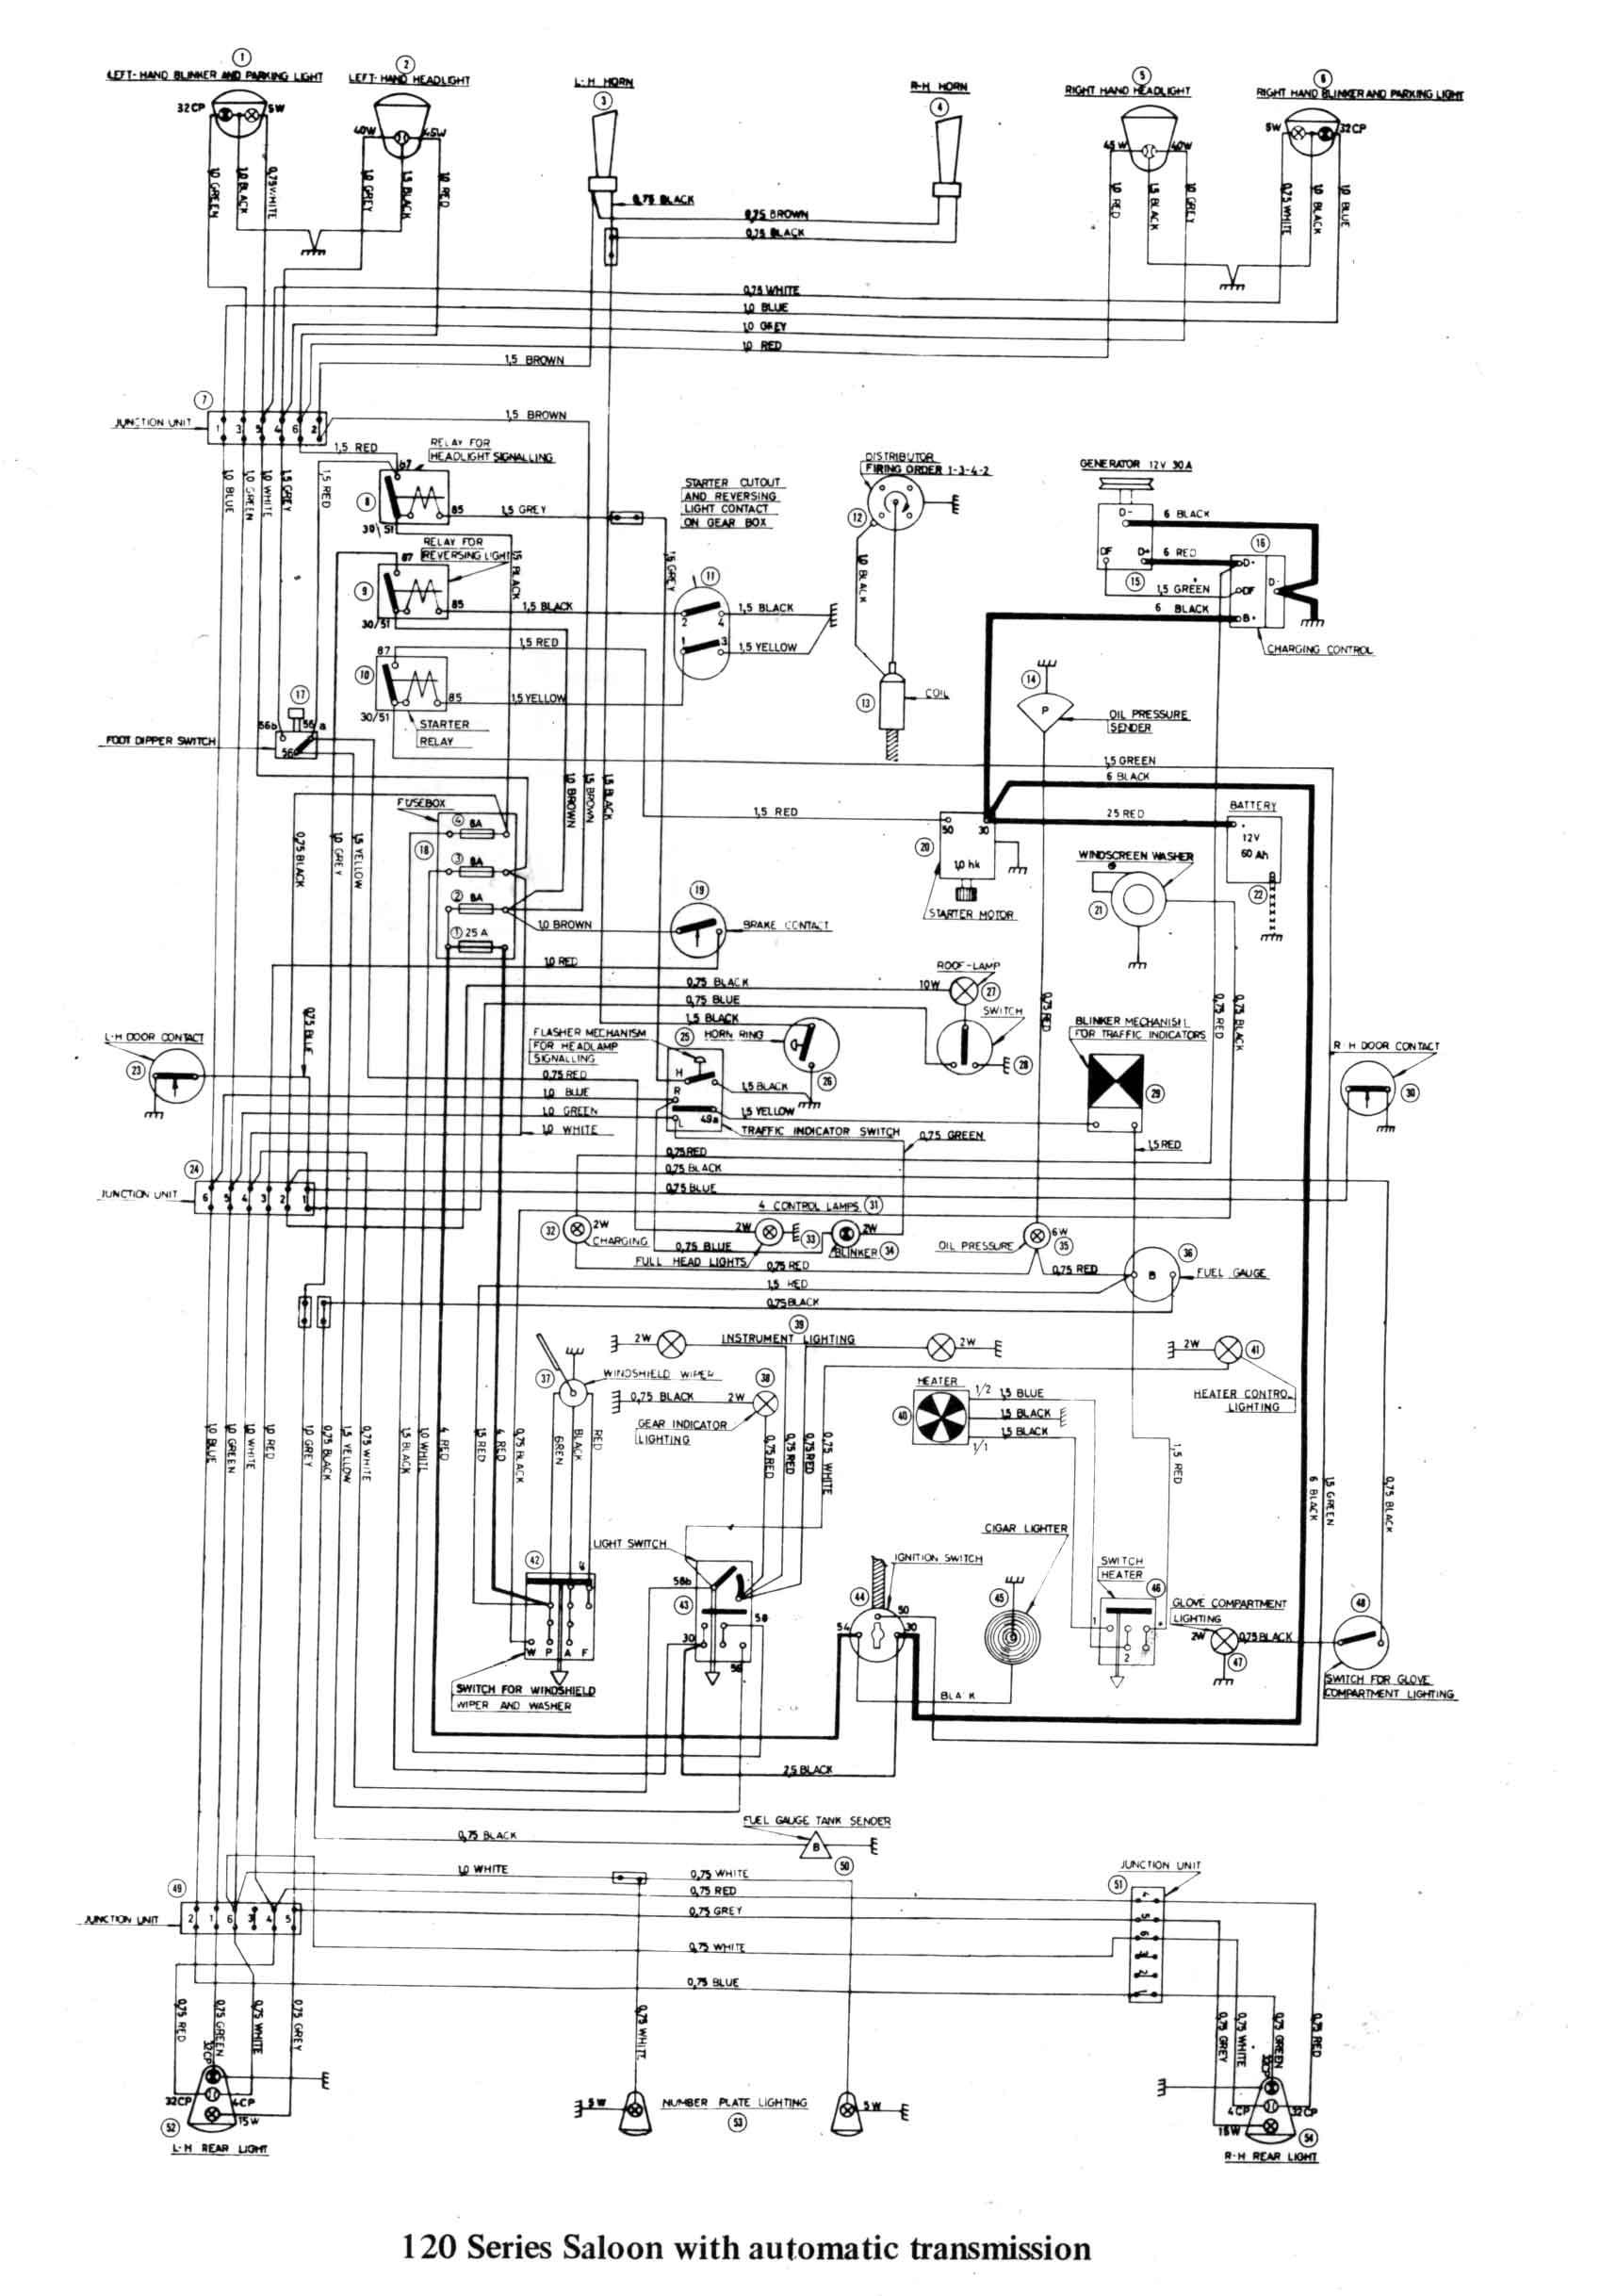 Astounding Yanmar Wiring Diagram Dash Free Download Wiring Diagram Schematic Wiring Cloud Animomajobocepmohammedshrineorg